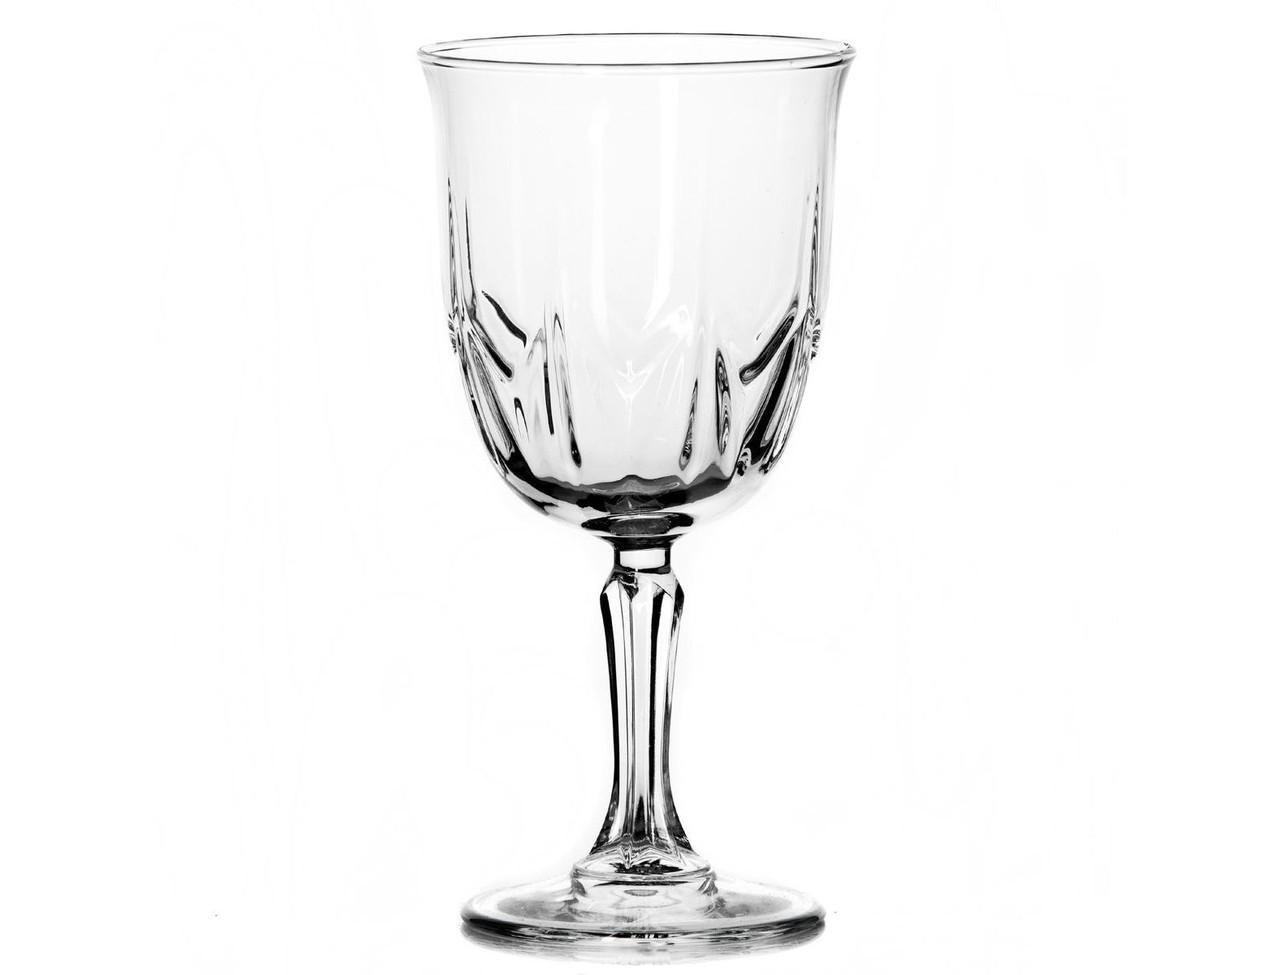 Бокал для вина, воды Pasabahce Karat 335мл.(440148-12)